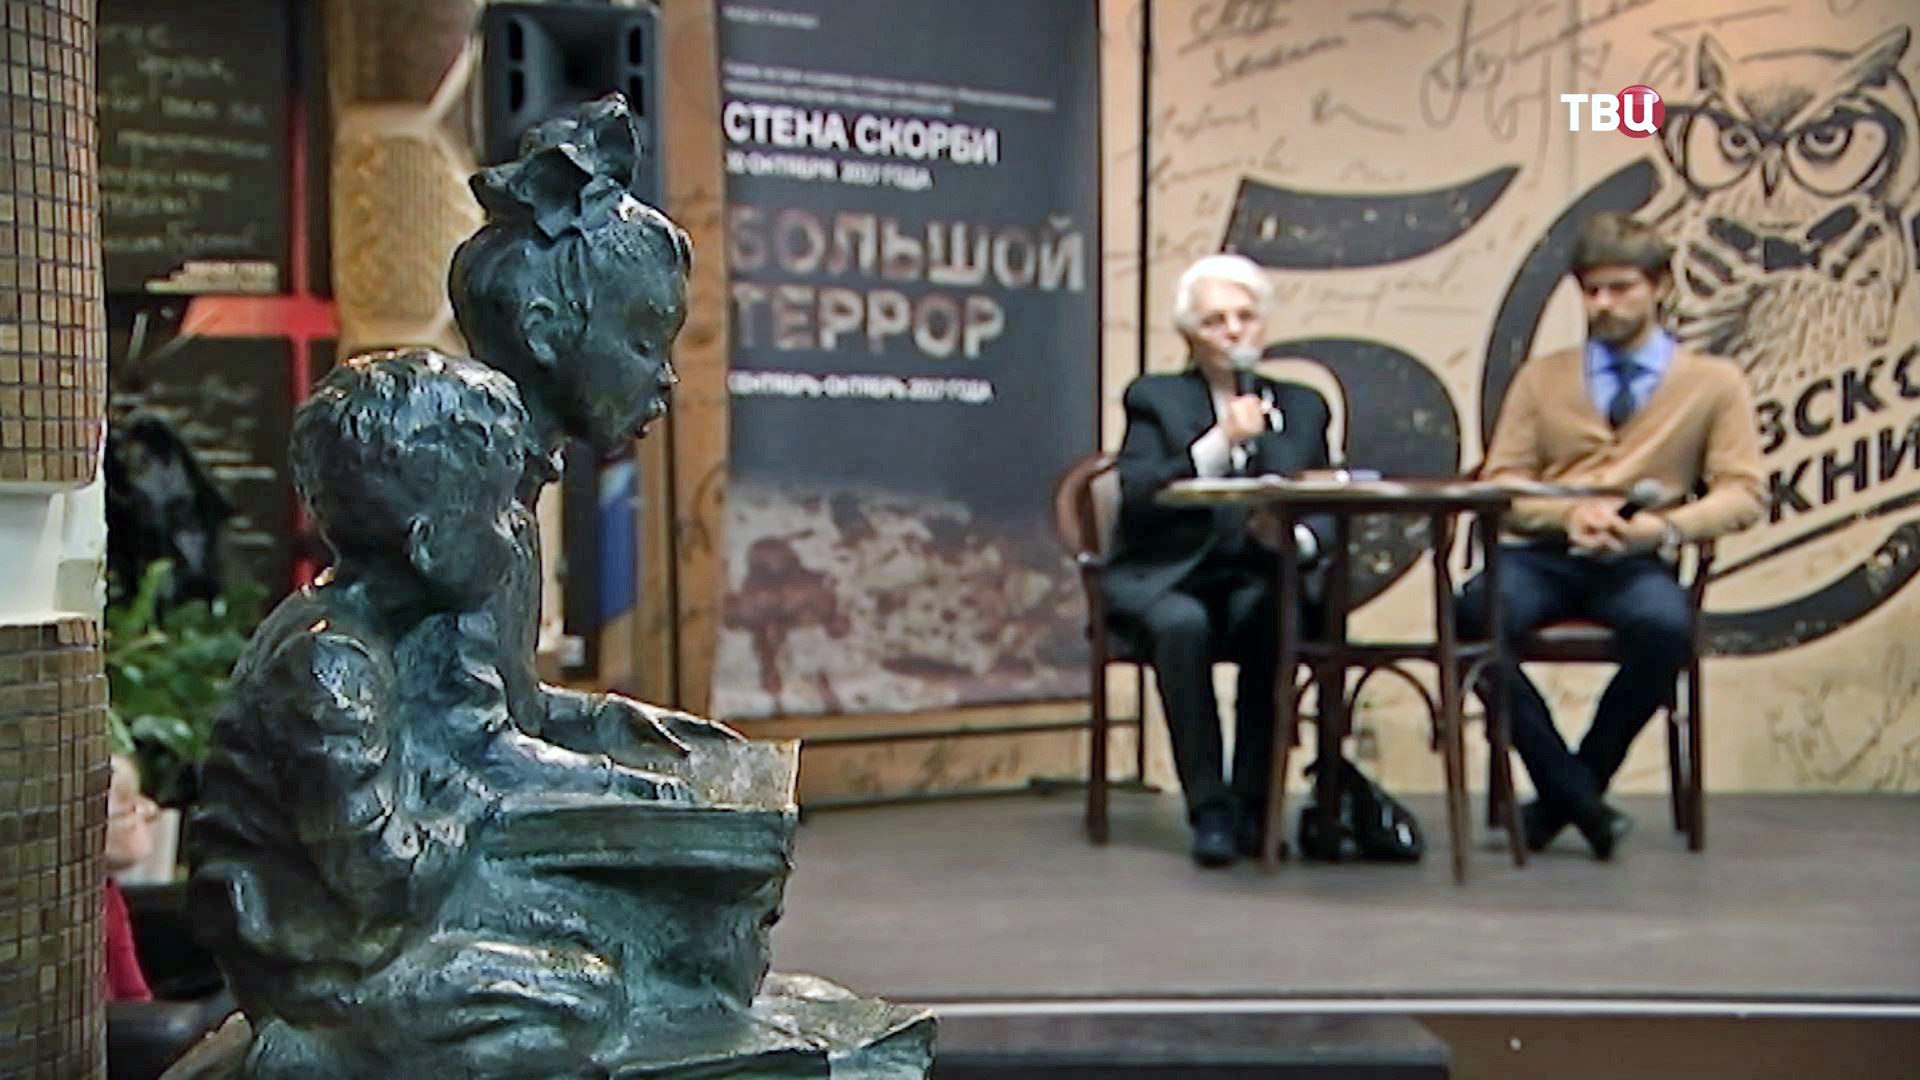 Презентация культурно-просветительского проекта Музея истории ГУЛАГа, Фонда Памяти и Московского дома книги